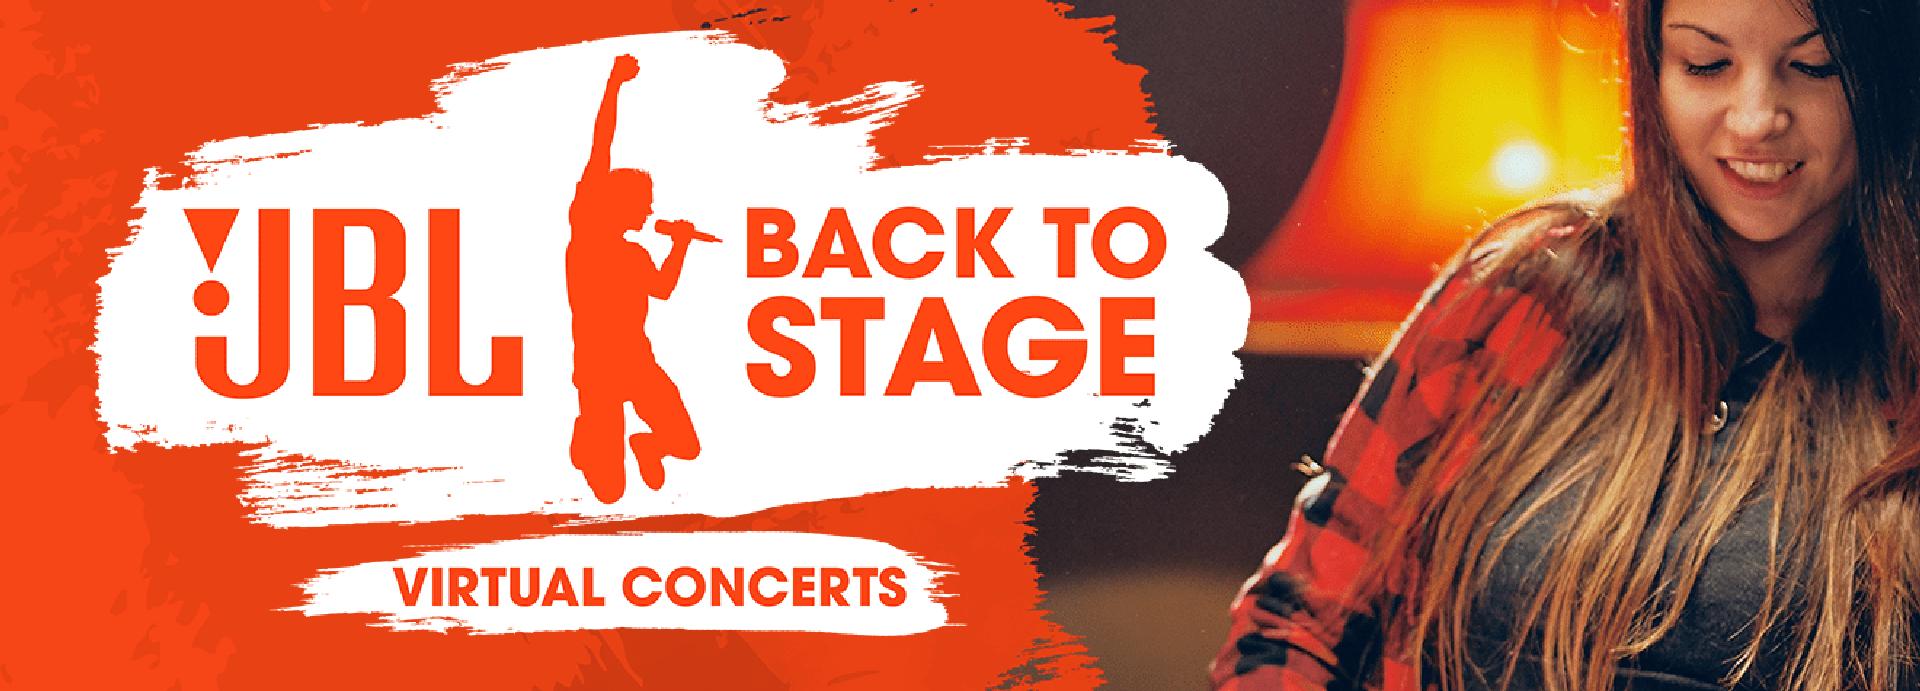 JBL_Back-to-Stage_Slider_Logo